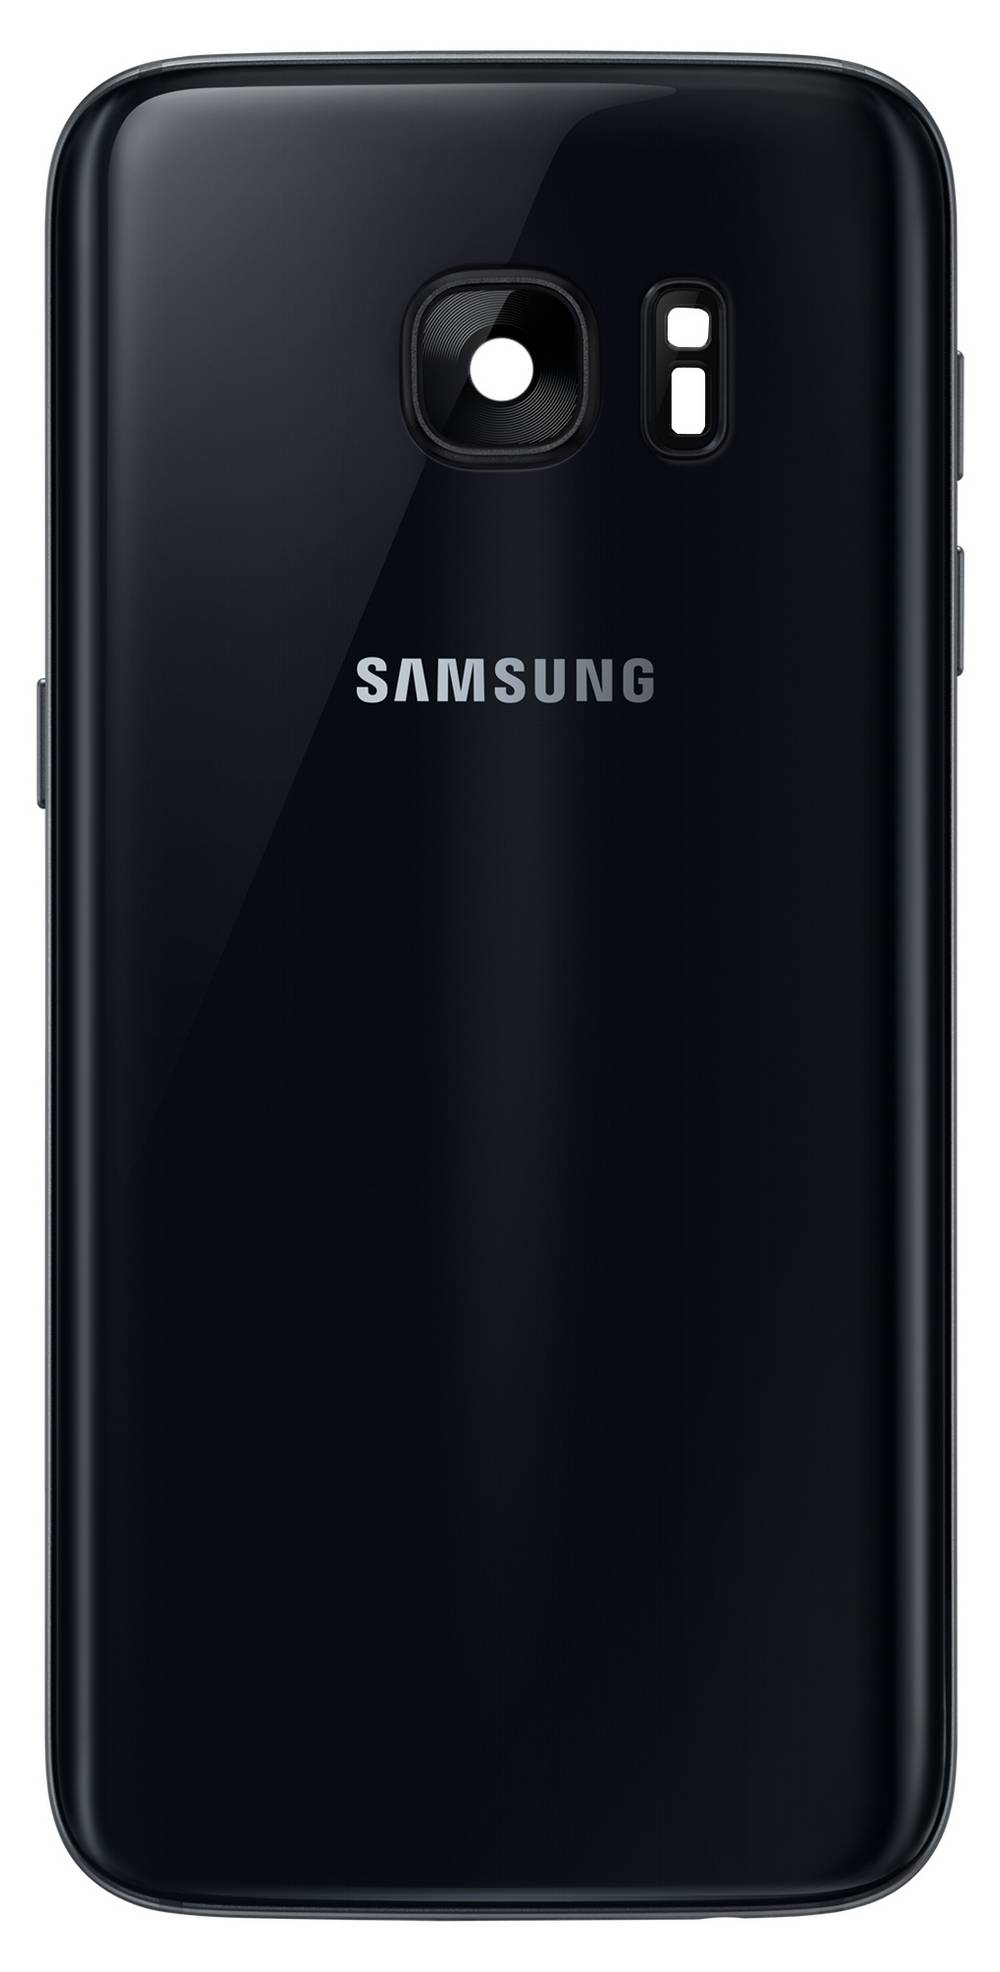 Καπάκι Μπαταρίας Samsung SM-G930F Galaxy S7 Μαύρο Original GH82-11384A